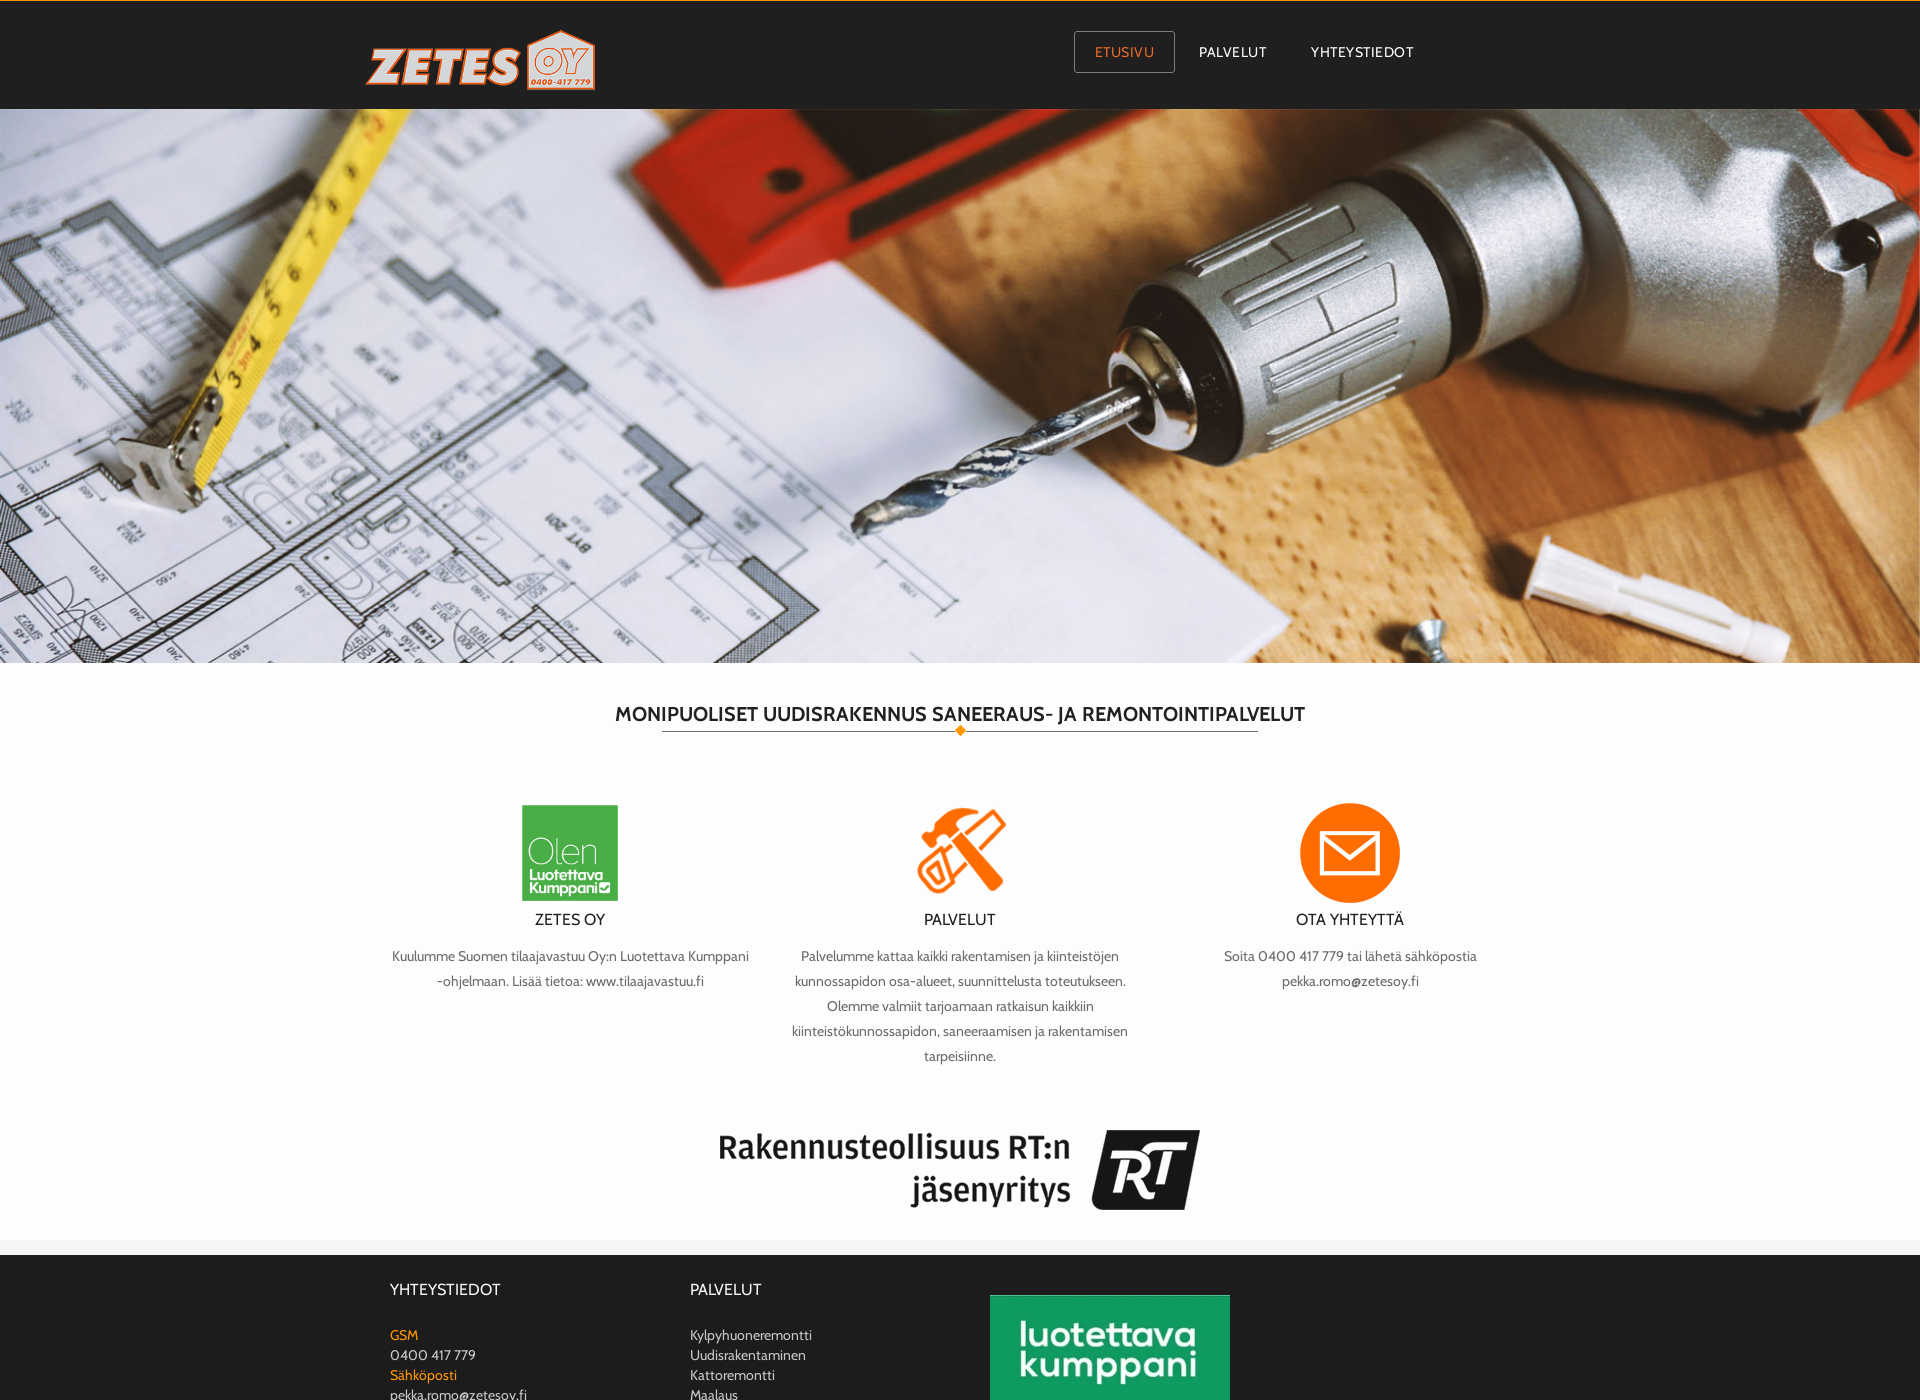 Screenshot for zetesoy.fi